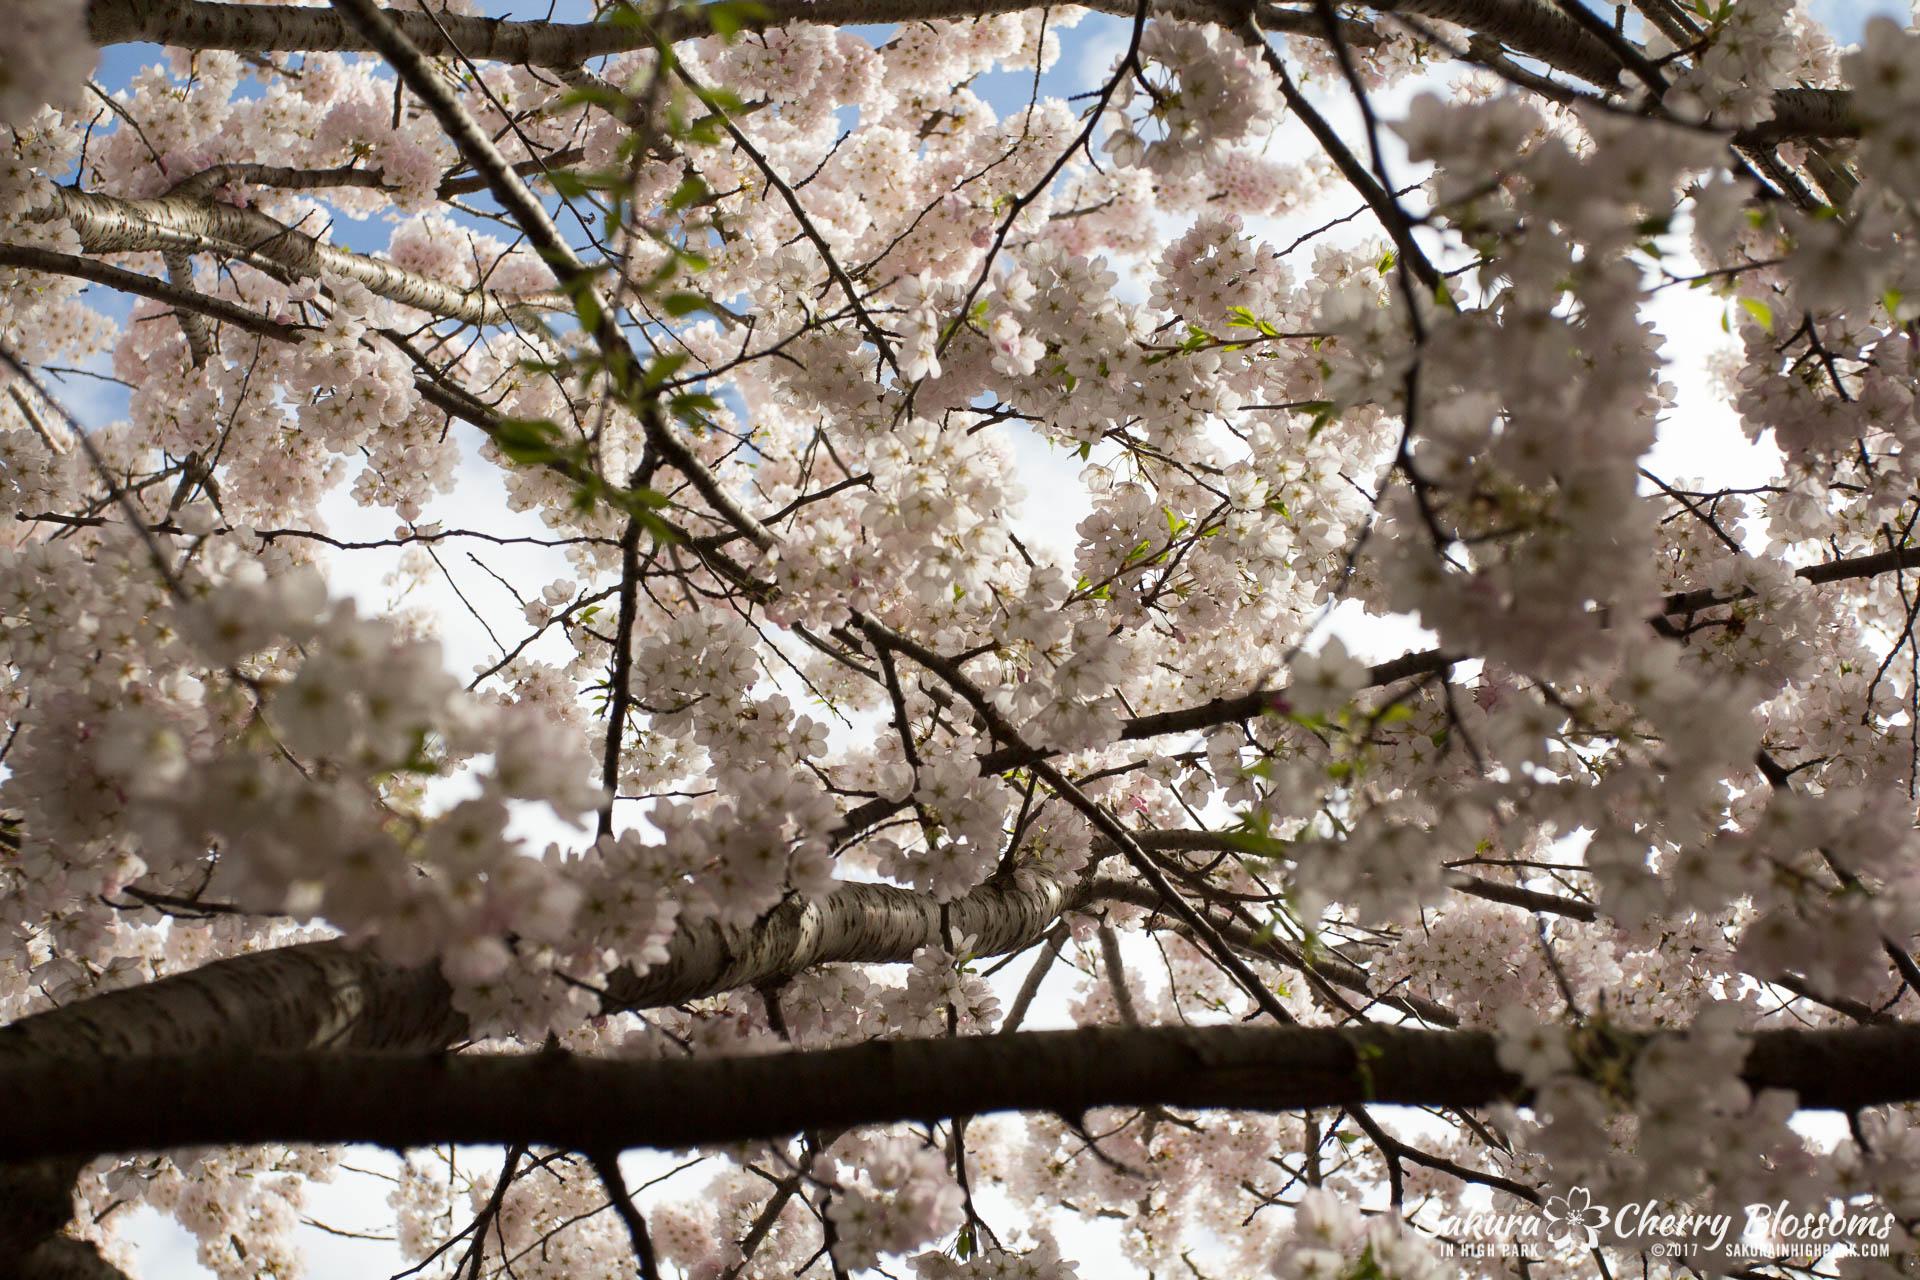 Sakura-Watch-April-28-2017-full-bloom-throughout-High-Park-5787.jpg